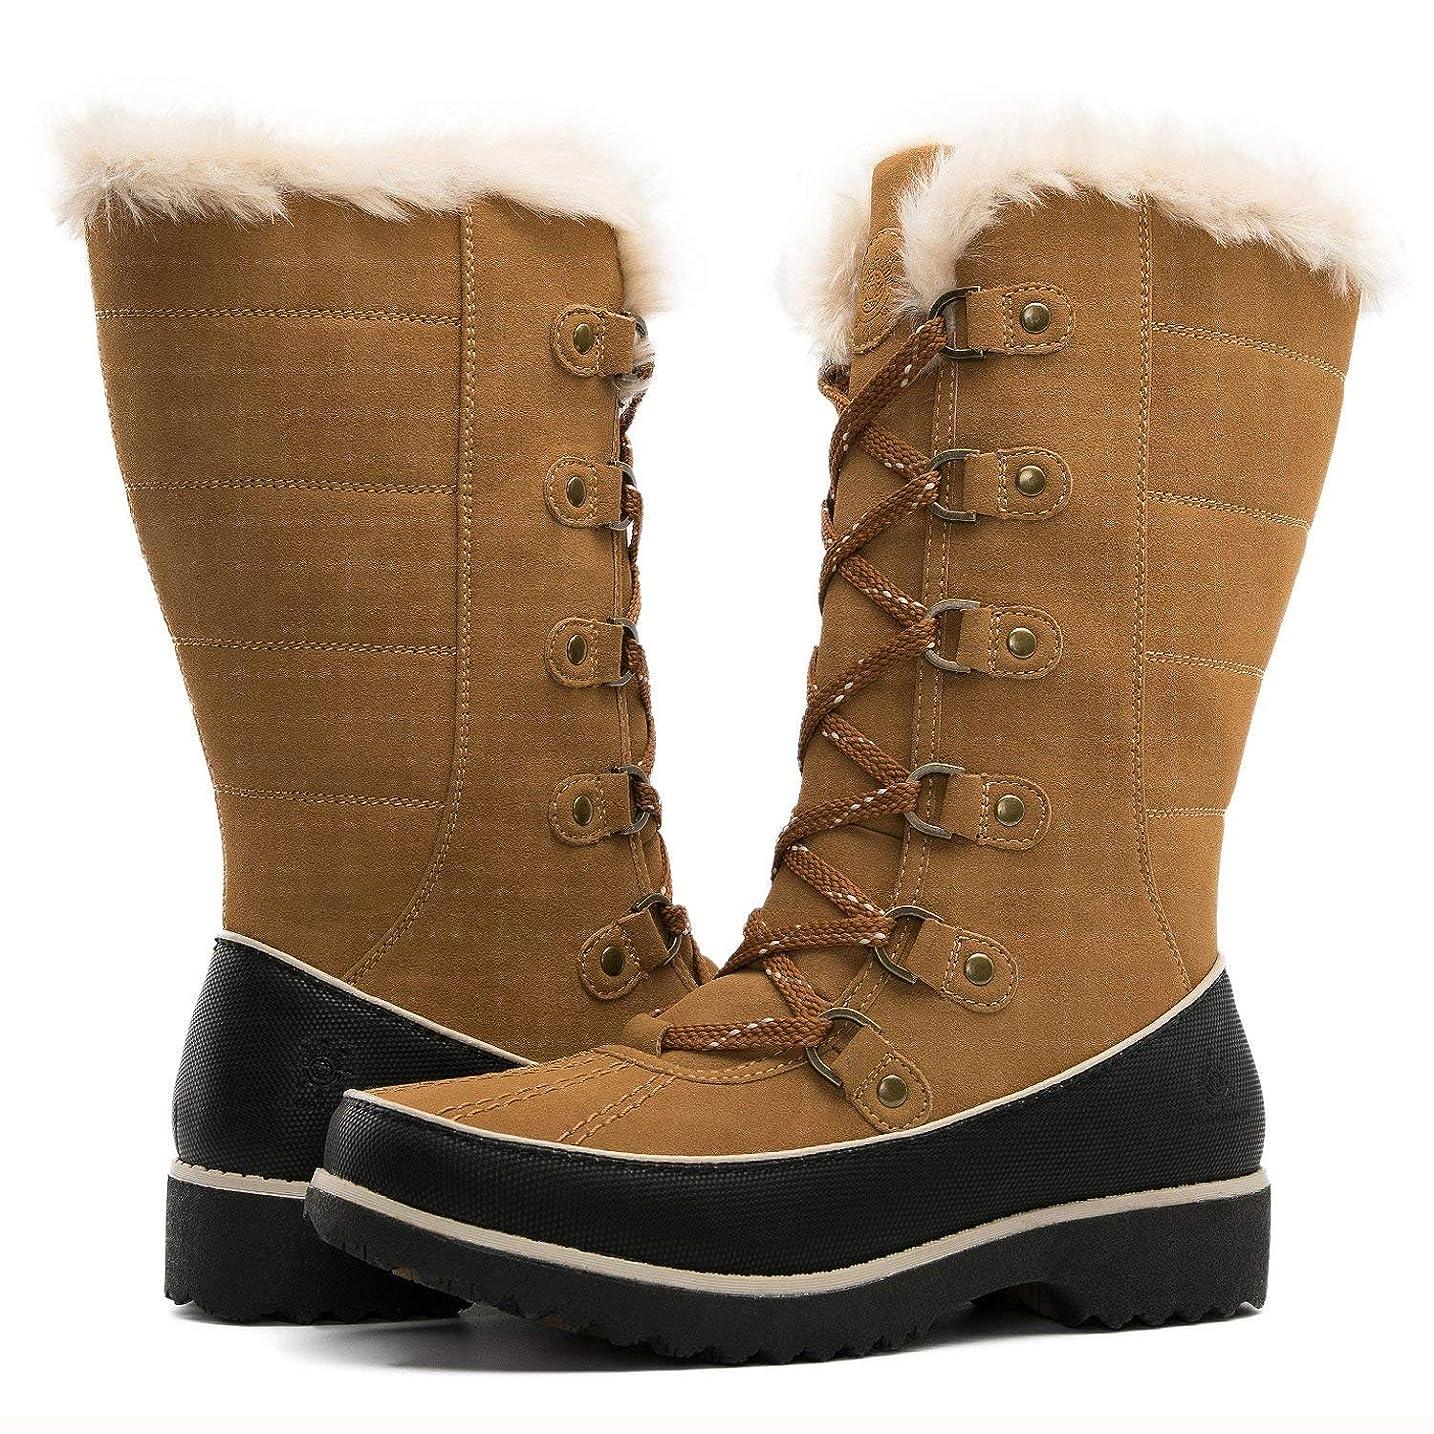 毎年高音お[Global Win] Women`s Fur Trek Winter Bootsレディースファートレックウィンターブーツ (並行輸入品)